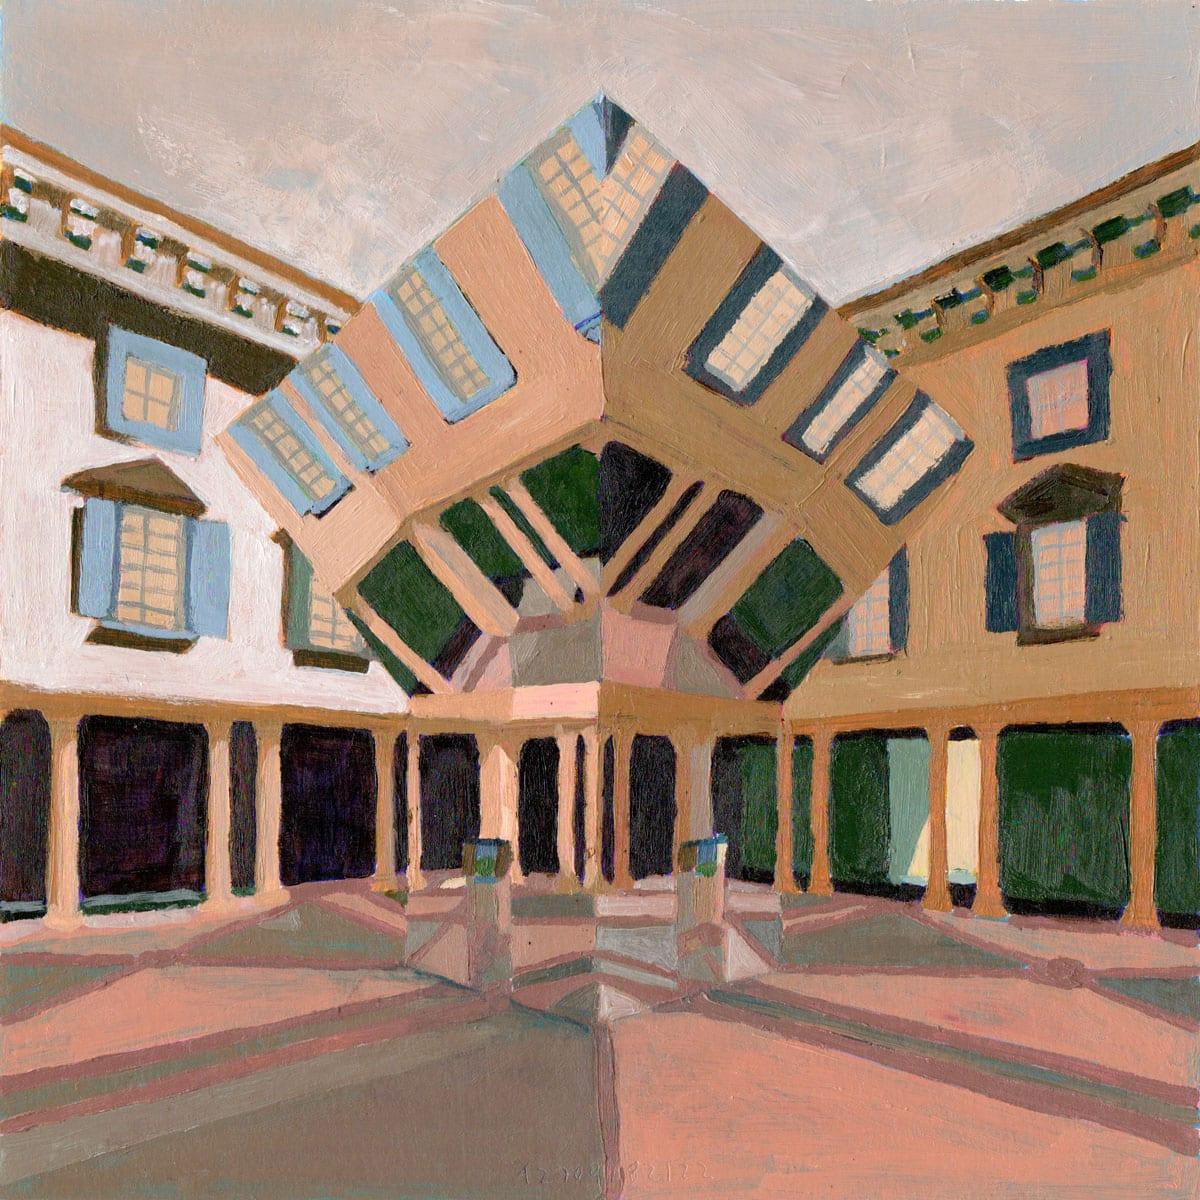 Echo Courtyard Installation by Chilean architects Pezo von Ellrichshausen | Yellowtrace